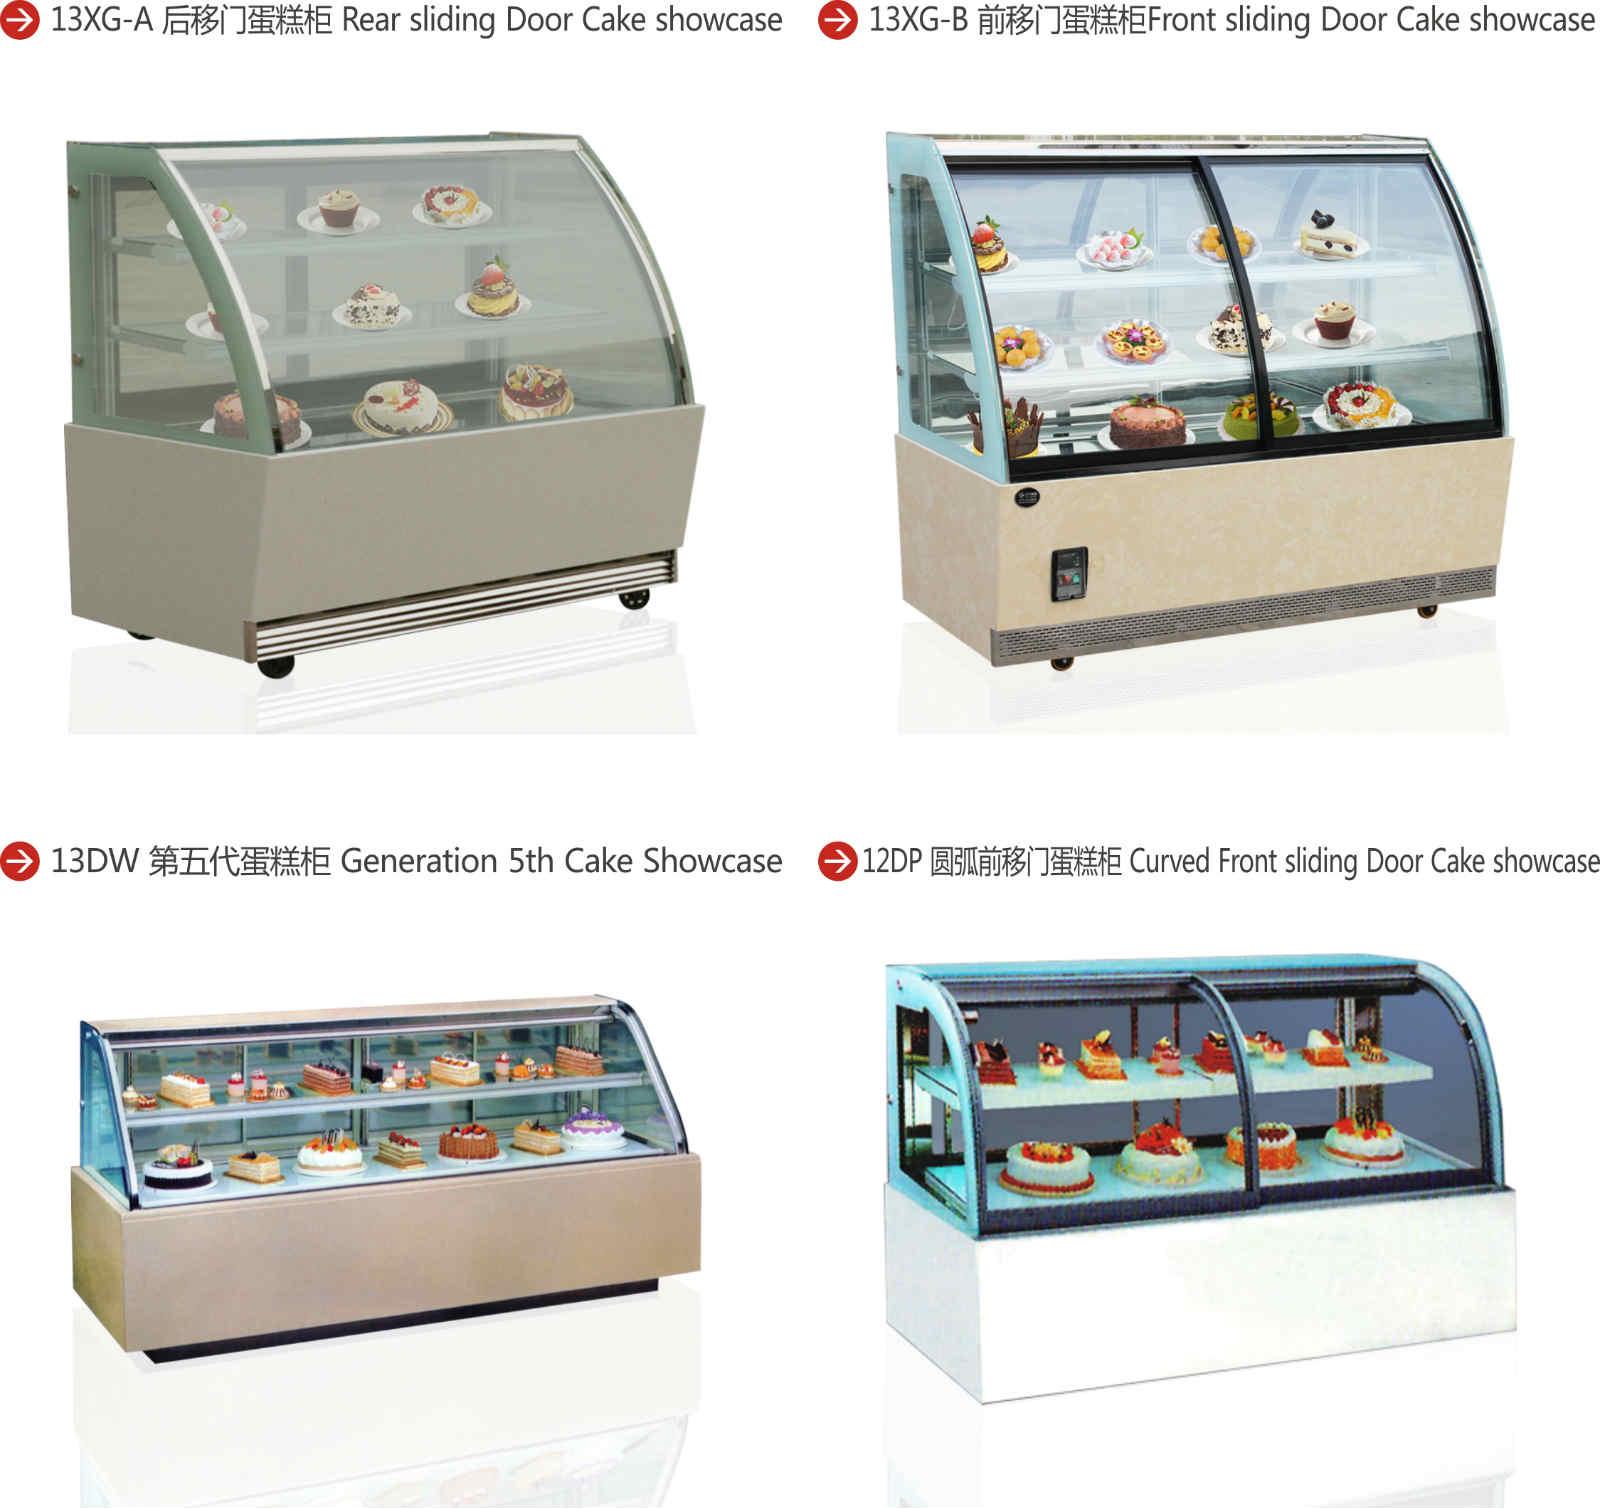 齐美电器,顶尖优质耐用的点菜柜公司,几十年专业生产商用制冷设备